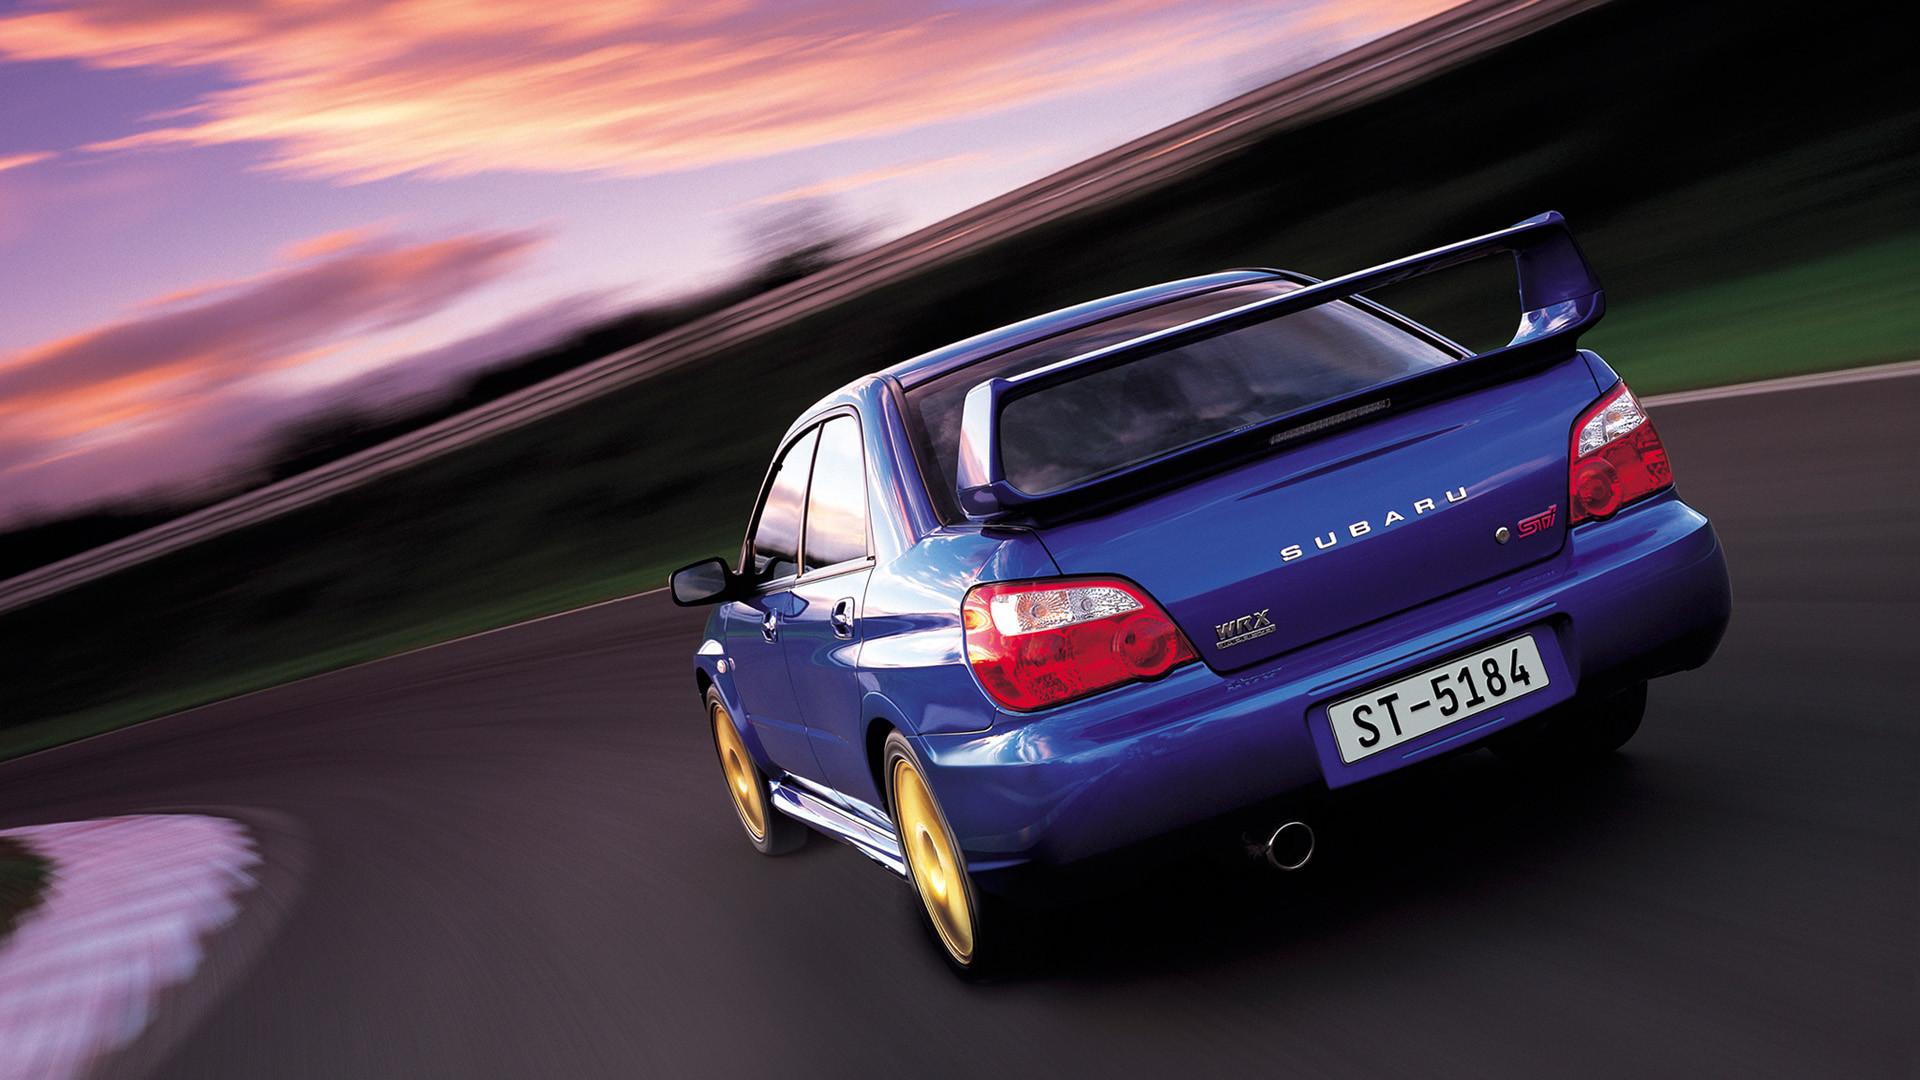 Res: 1920x1080, 2004 Subaru Impreza WRX STI picture